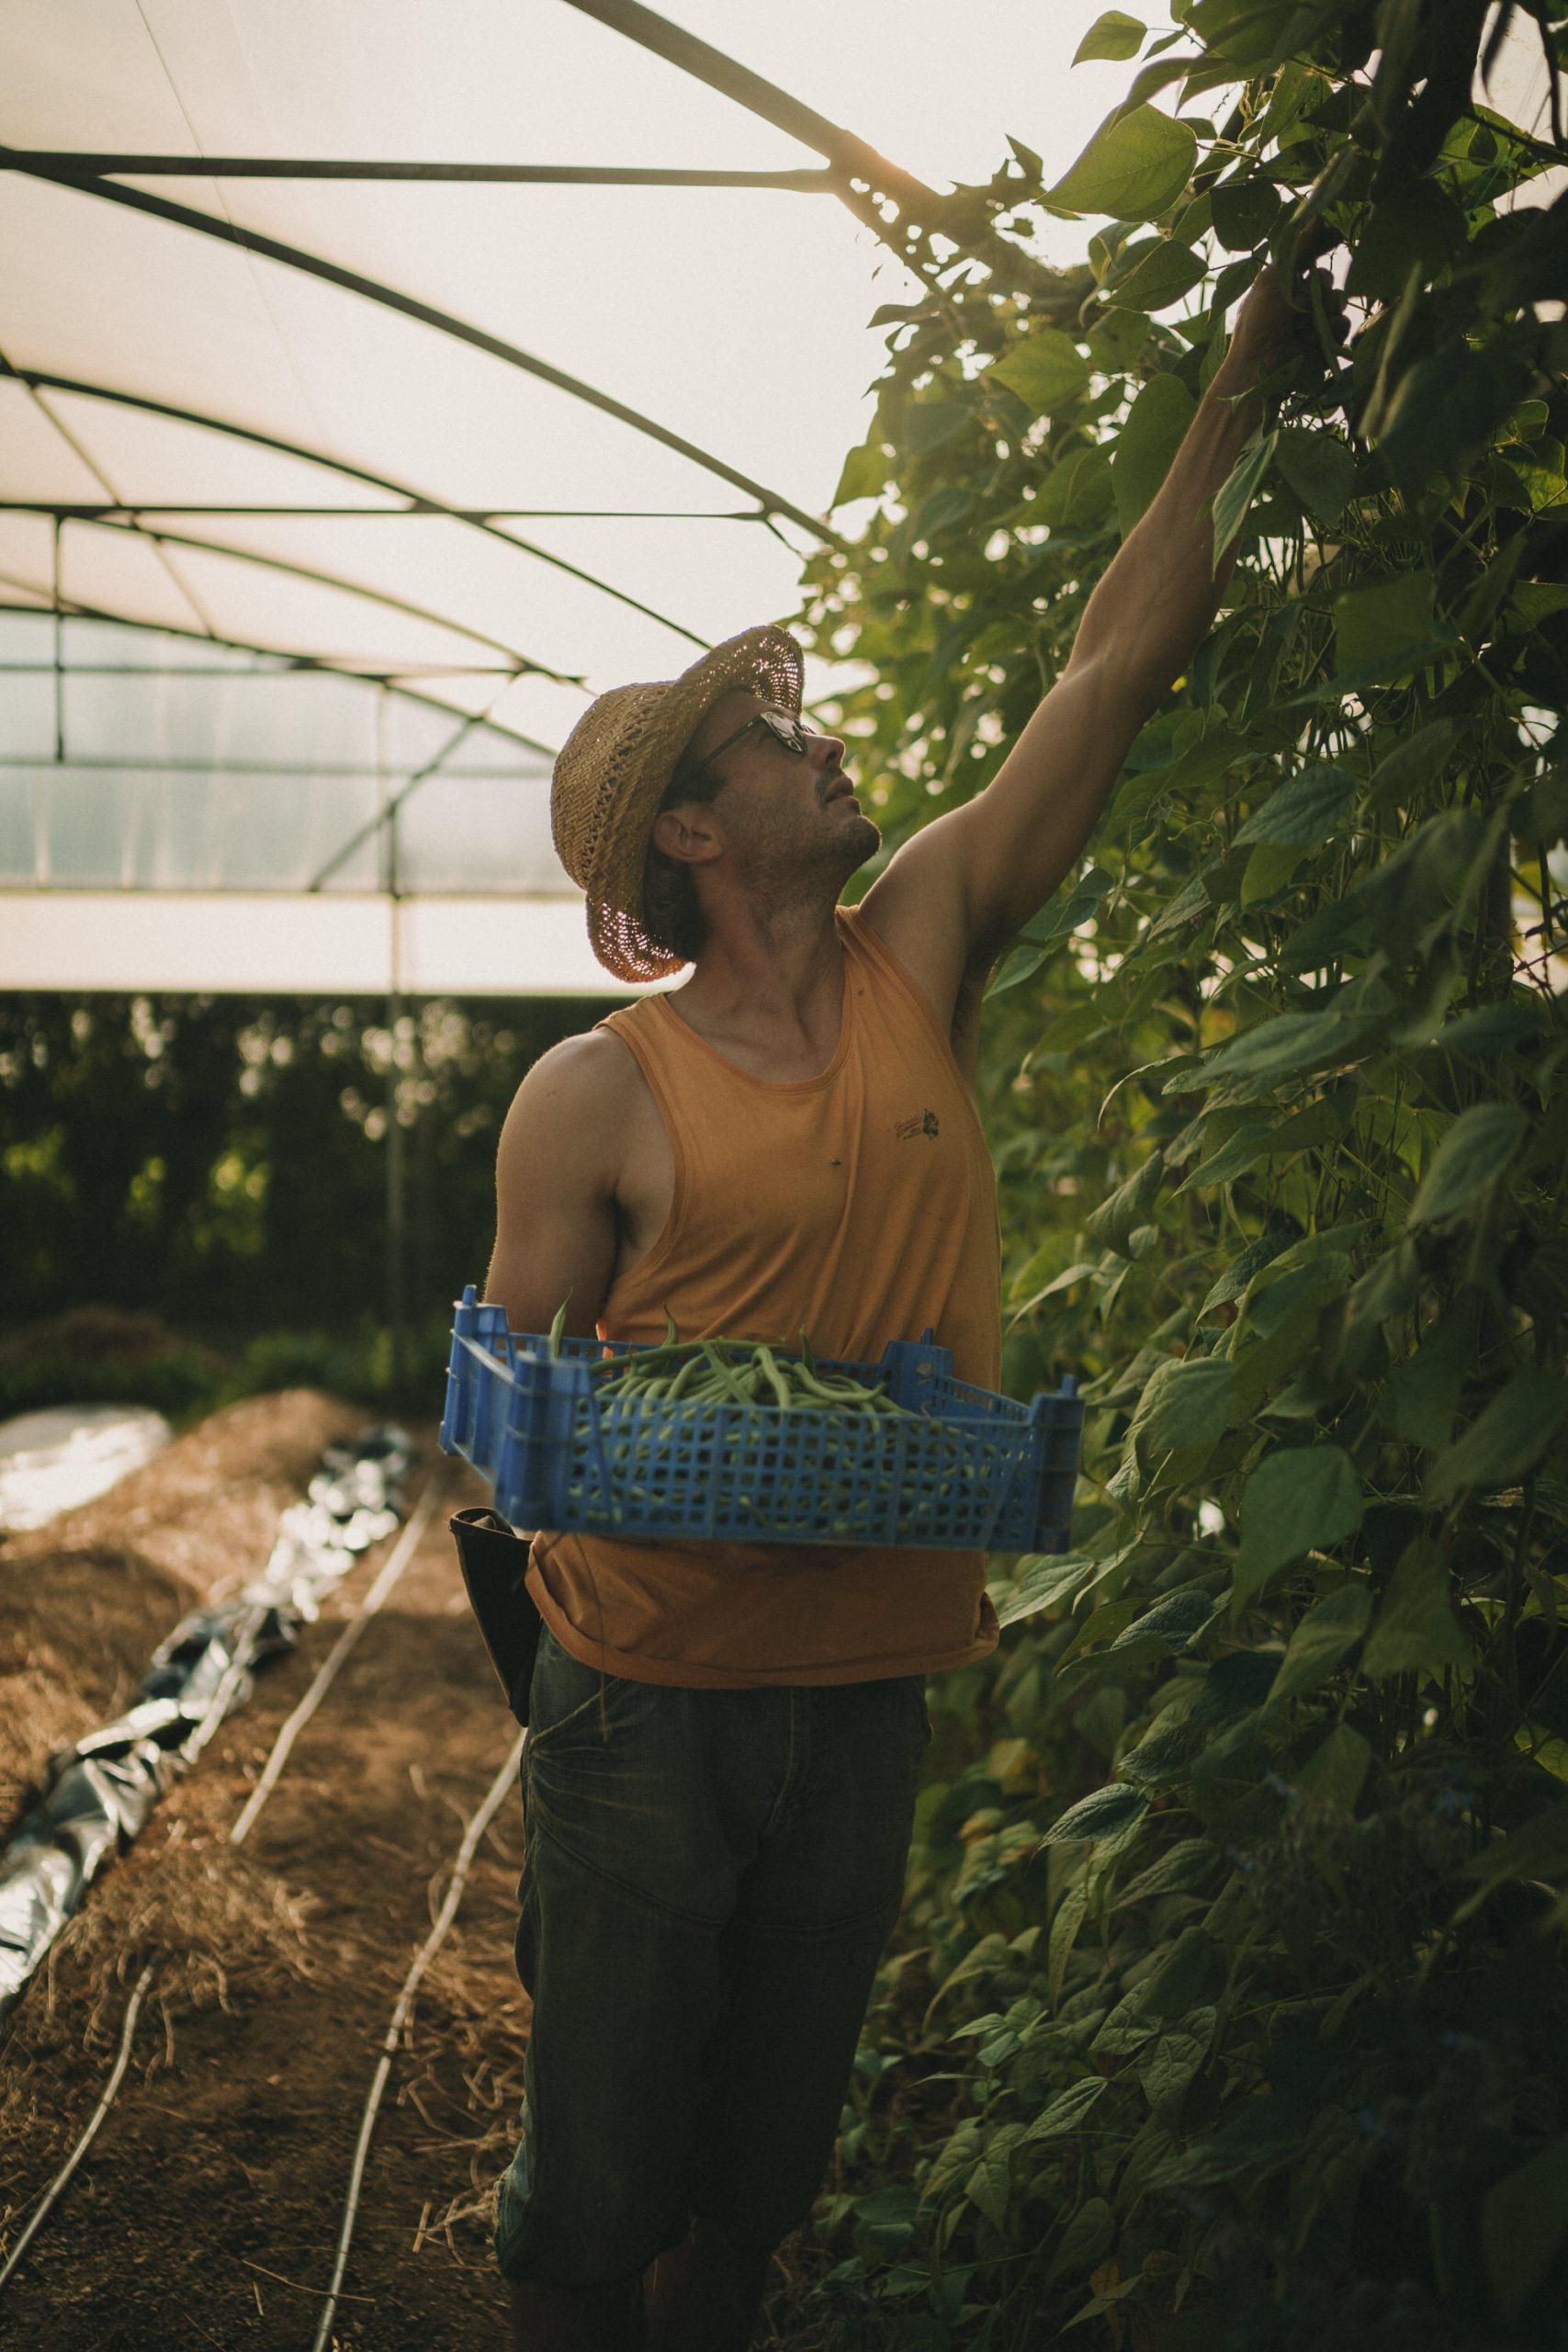 Reportage Photo Brest 20200713 04778 Les Jardins De Kerlomann Légumes Anciens Et Bio En Bretagne Www.antoineborzeix.fr  Scaled, Photographe & Videaste à Brest / Finistère